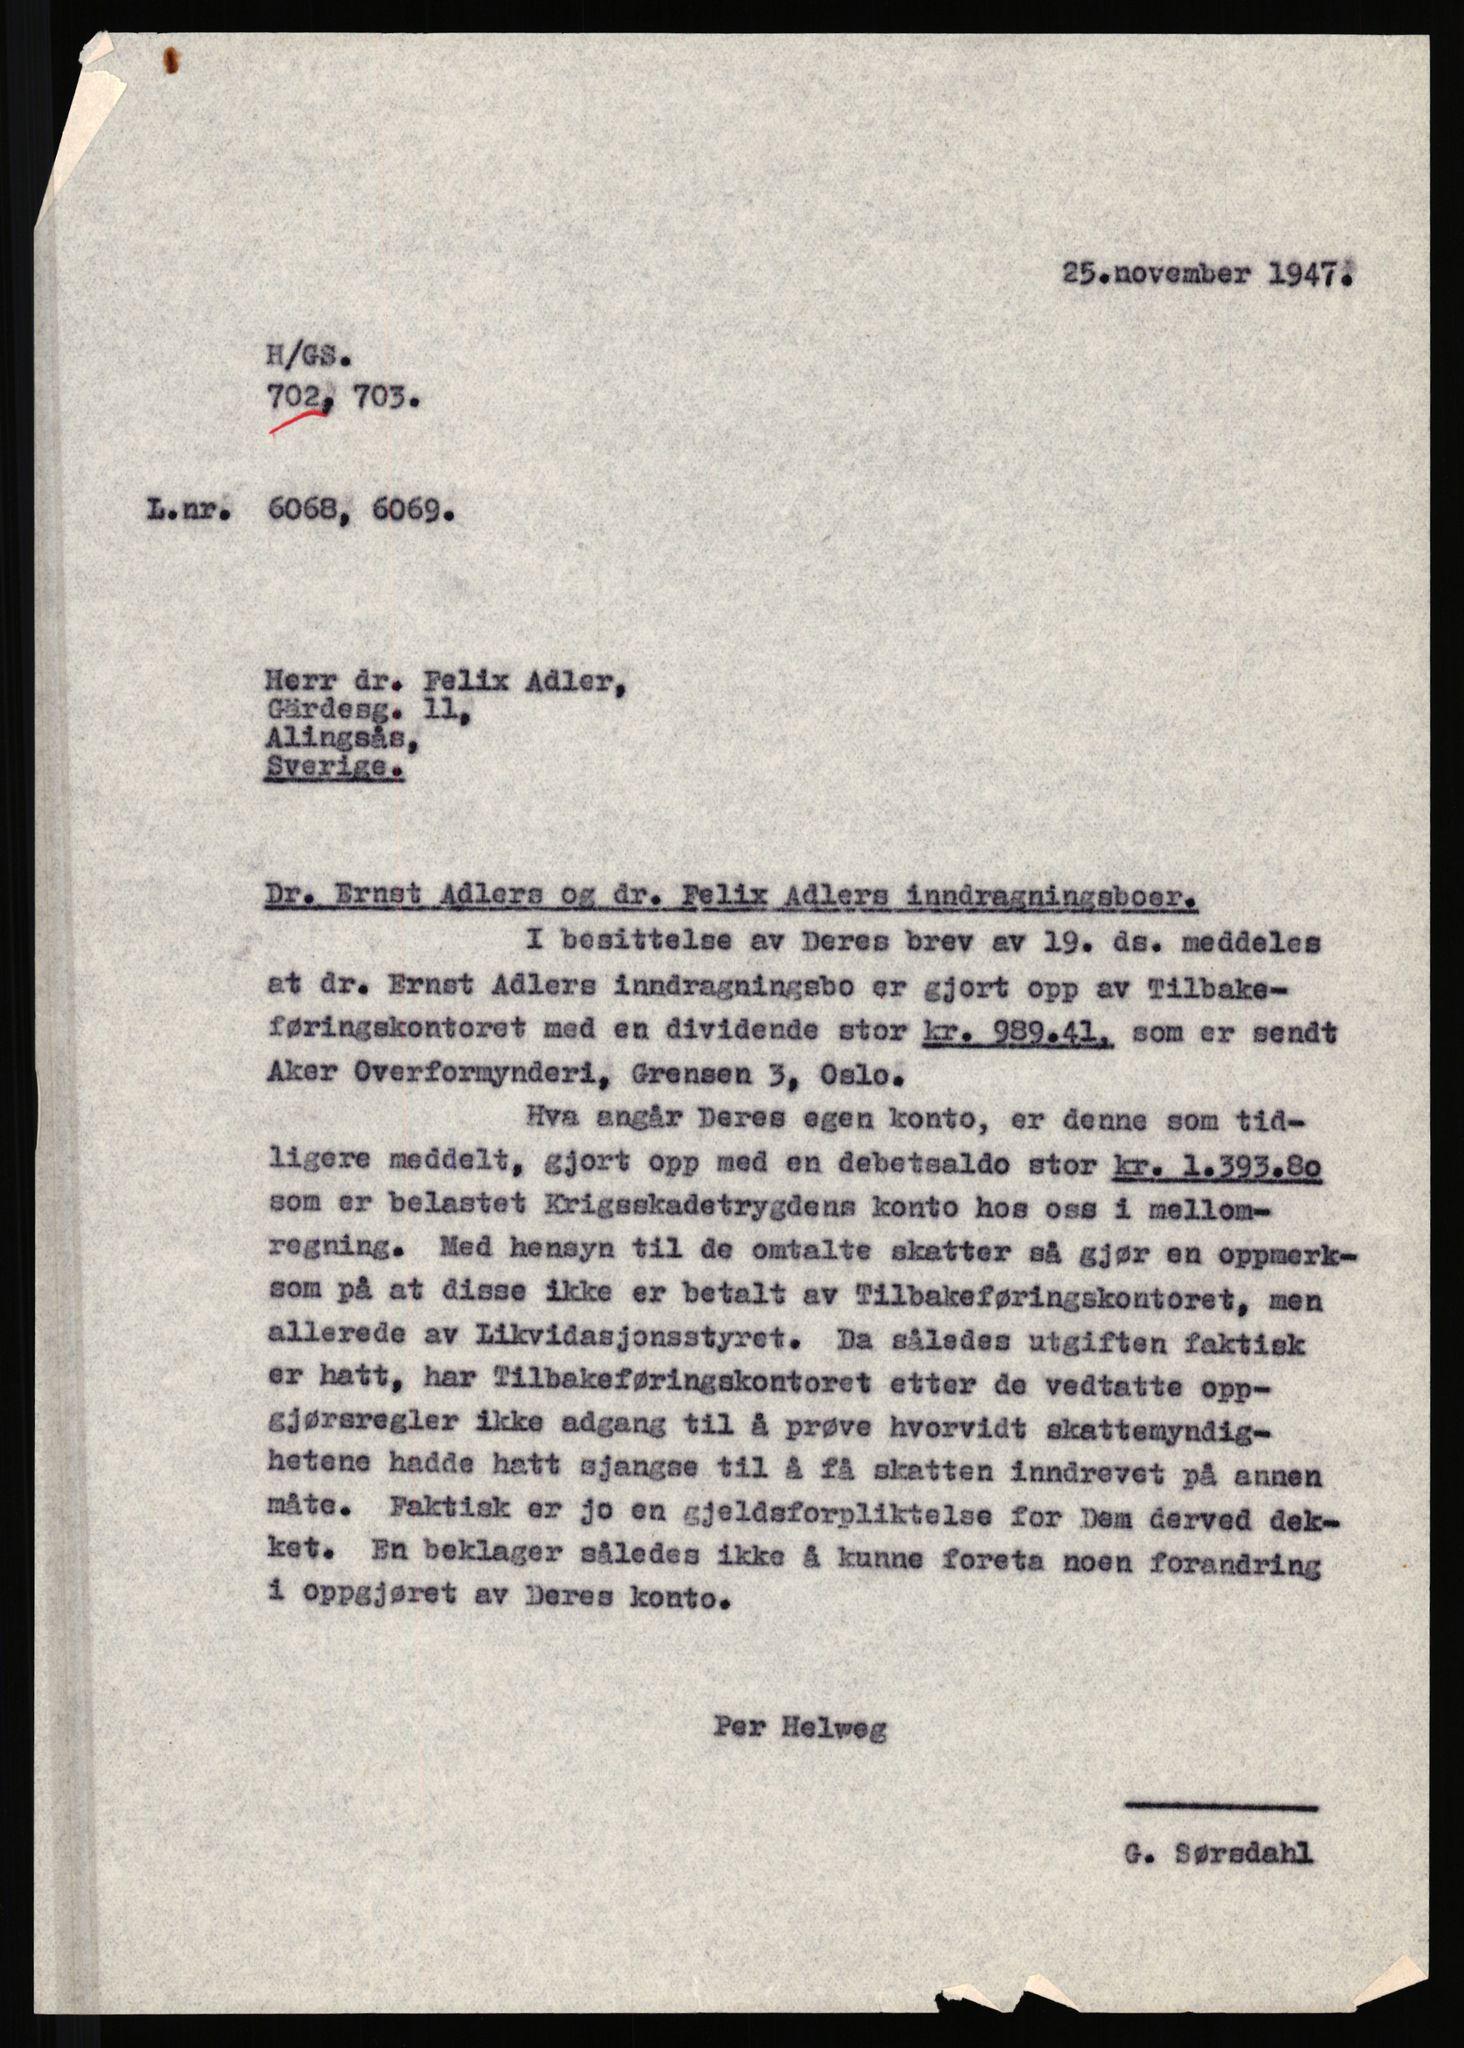 RA, Justisdepartementet, Tilbakeføringskontoret for inndratte formuer, H/Hc/Hcc/L0917: --, 1945-1947, s. 2